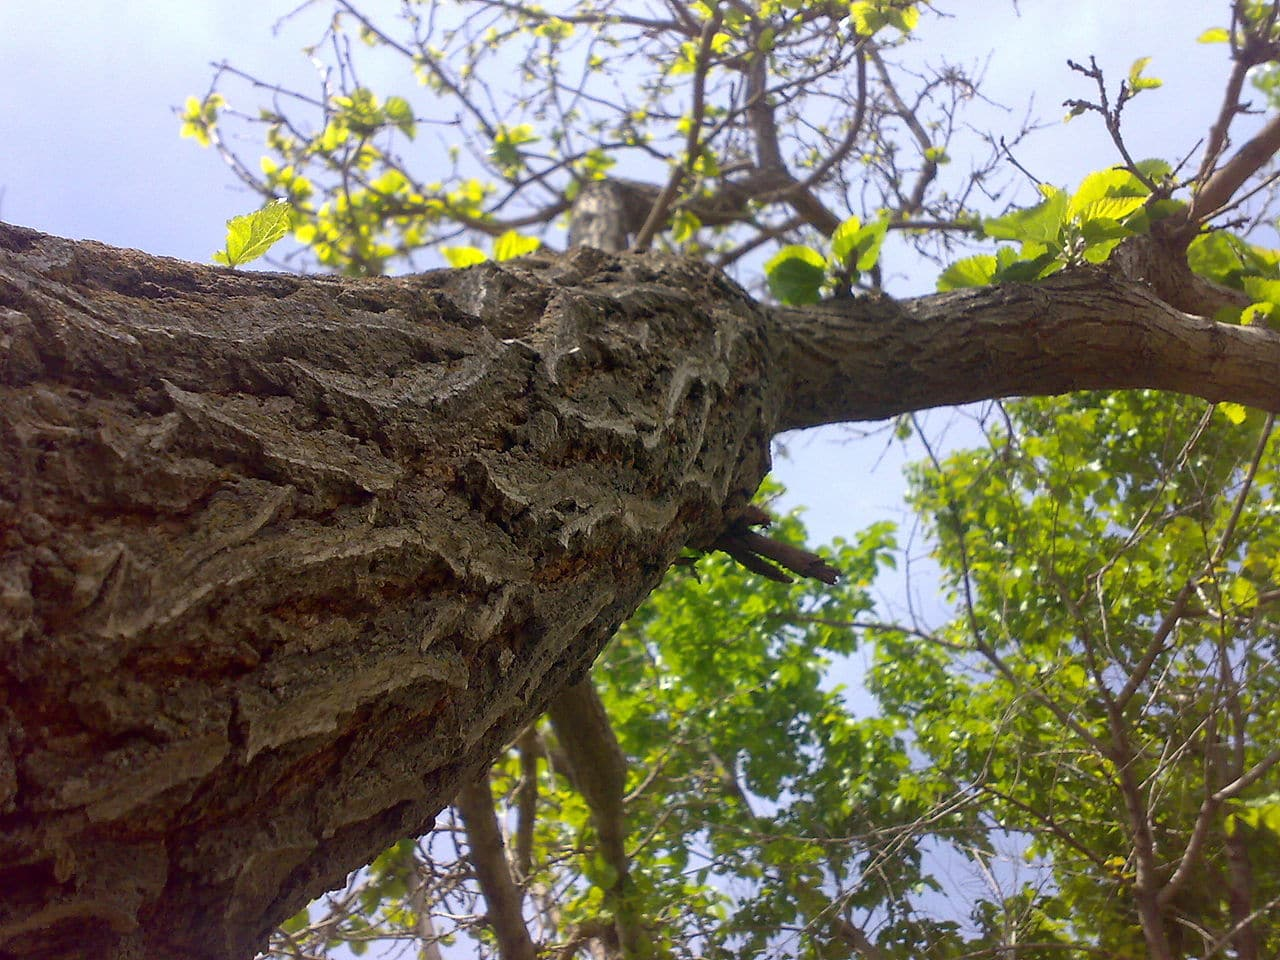 La morera tiene un tronco recto